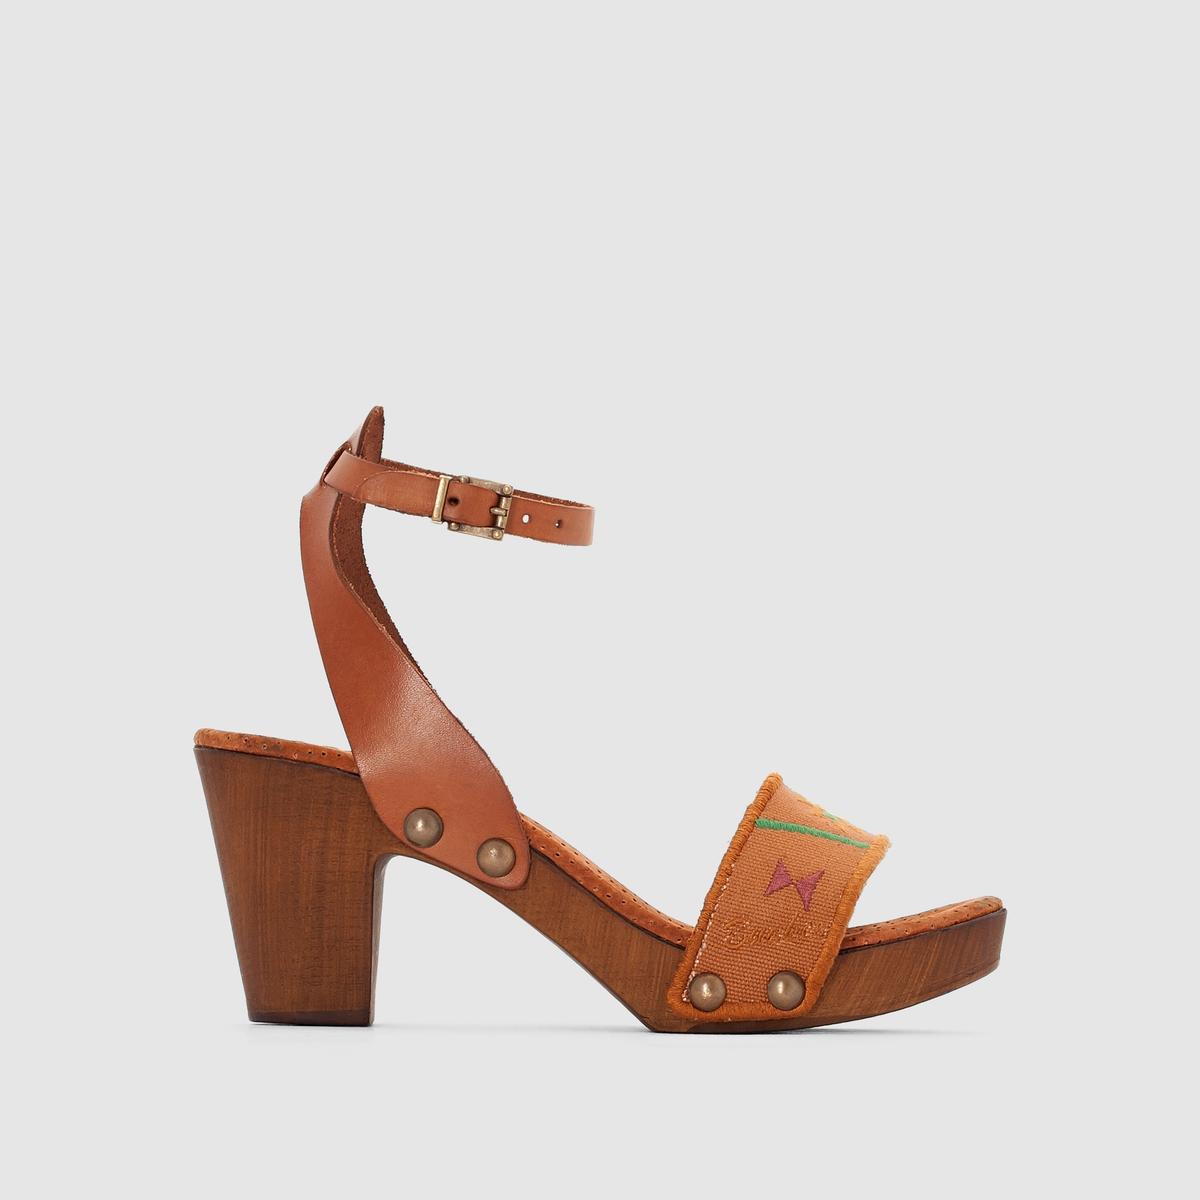 Босоножки на каблуке и подошве-платформеBUNKER - Босоножки на каблуке и подошве-платформе :Верх : кожа и текстильПодкладка : кожаСтелька : кожаПодошва : полиуретанВысота каблука : 7,5 смЗастежка : ремешок с пряжкой на щиколотке.Известная своей стильной обувью, Bunker предлагает комфортные босоножки на каблуке и подошве-платформе с оригинальным дизайном!<br><br>Цвет: набивной рисунок<br>Размер: 38